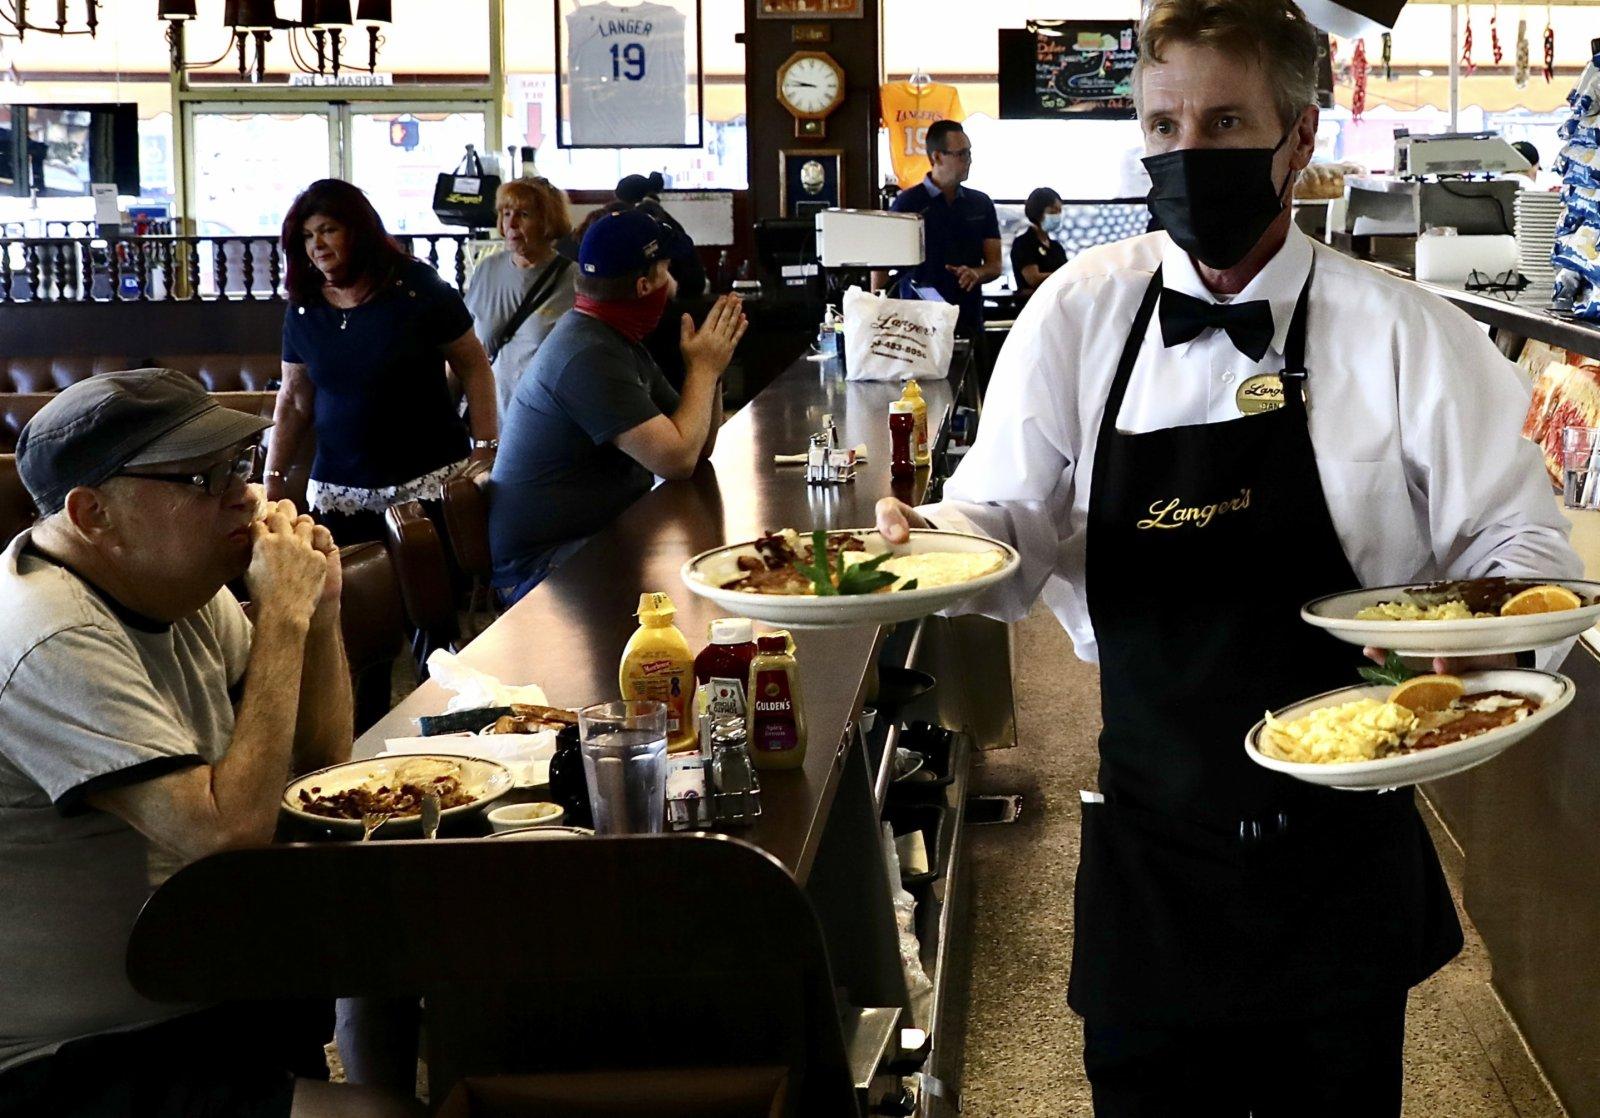 6月15日,民眾在美國洛杉磯的一家餐廳用餐。(新華社)